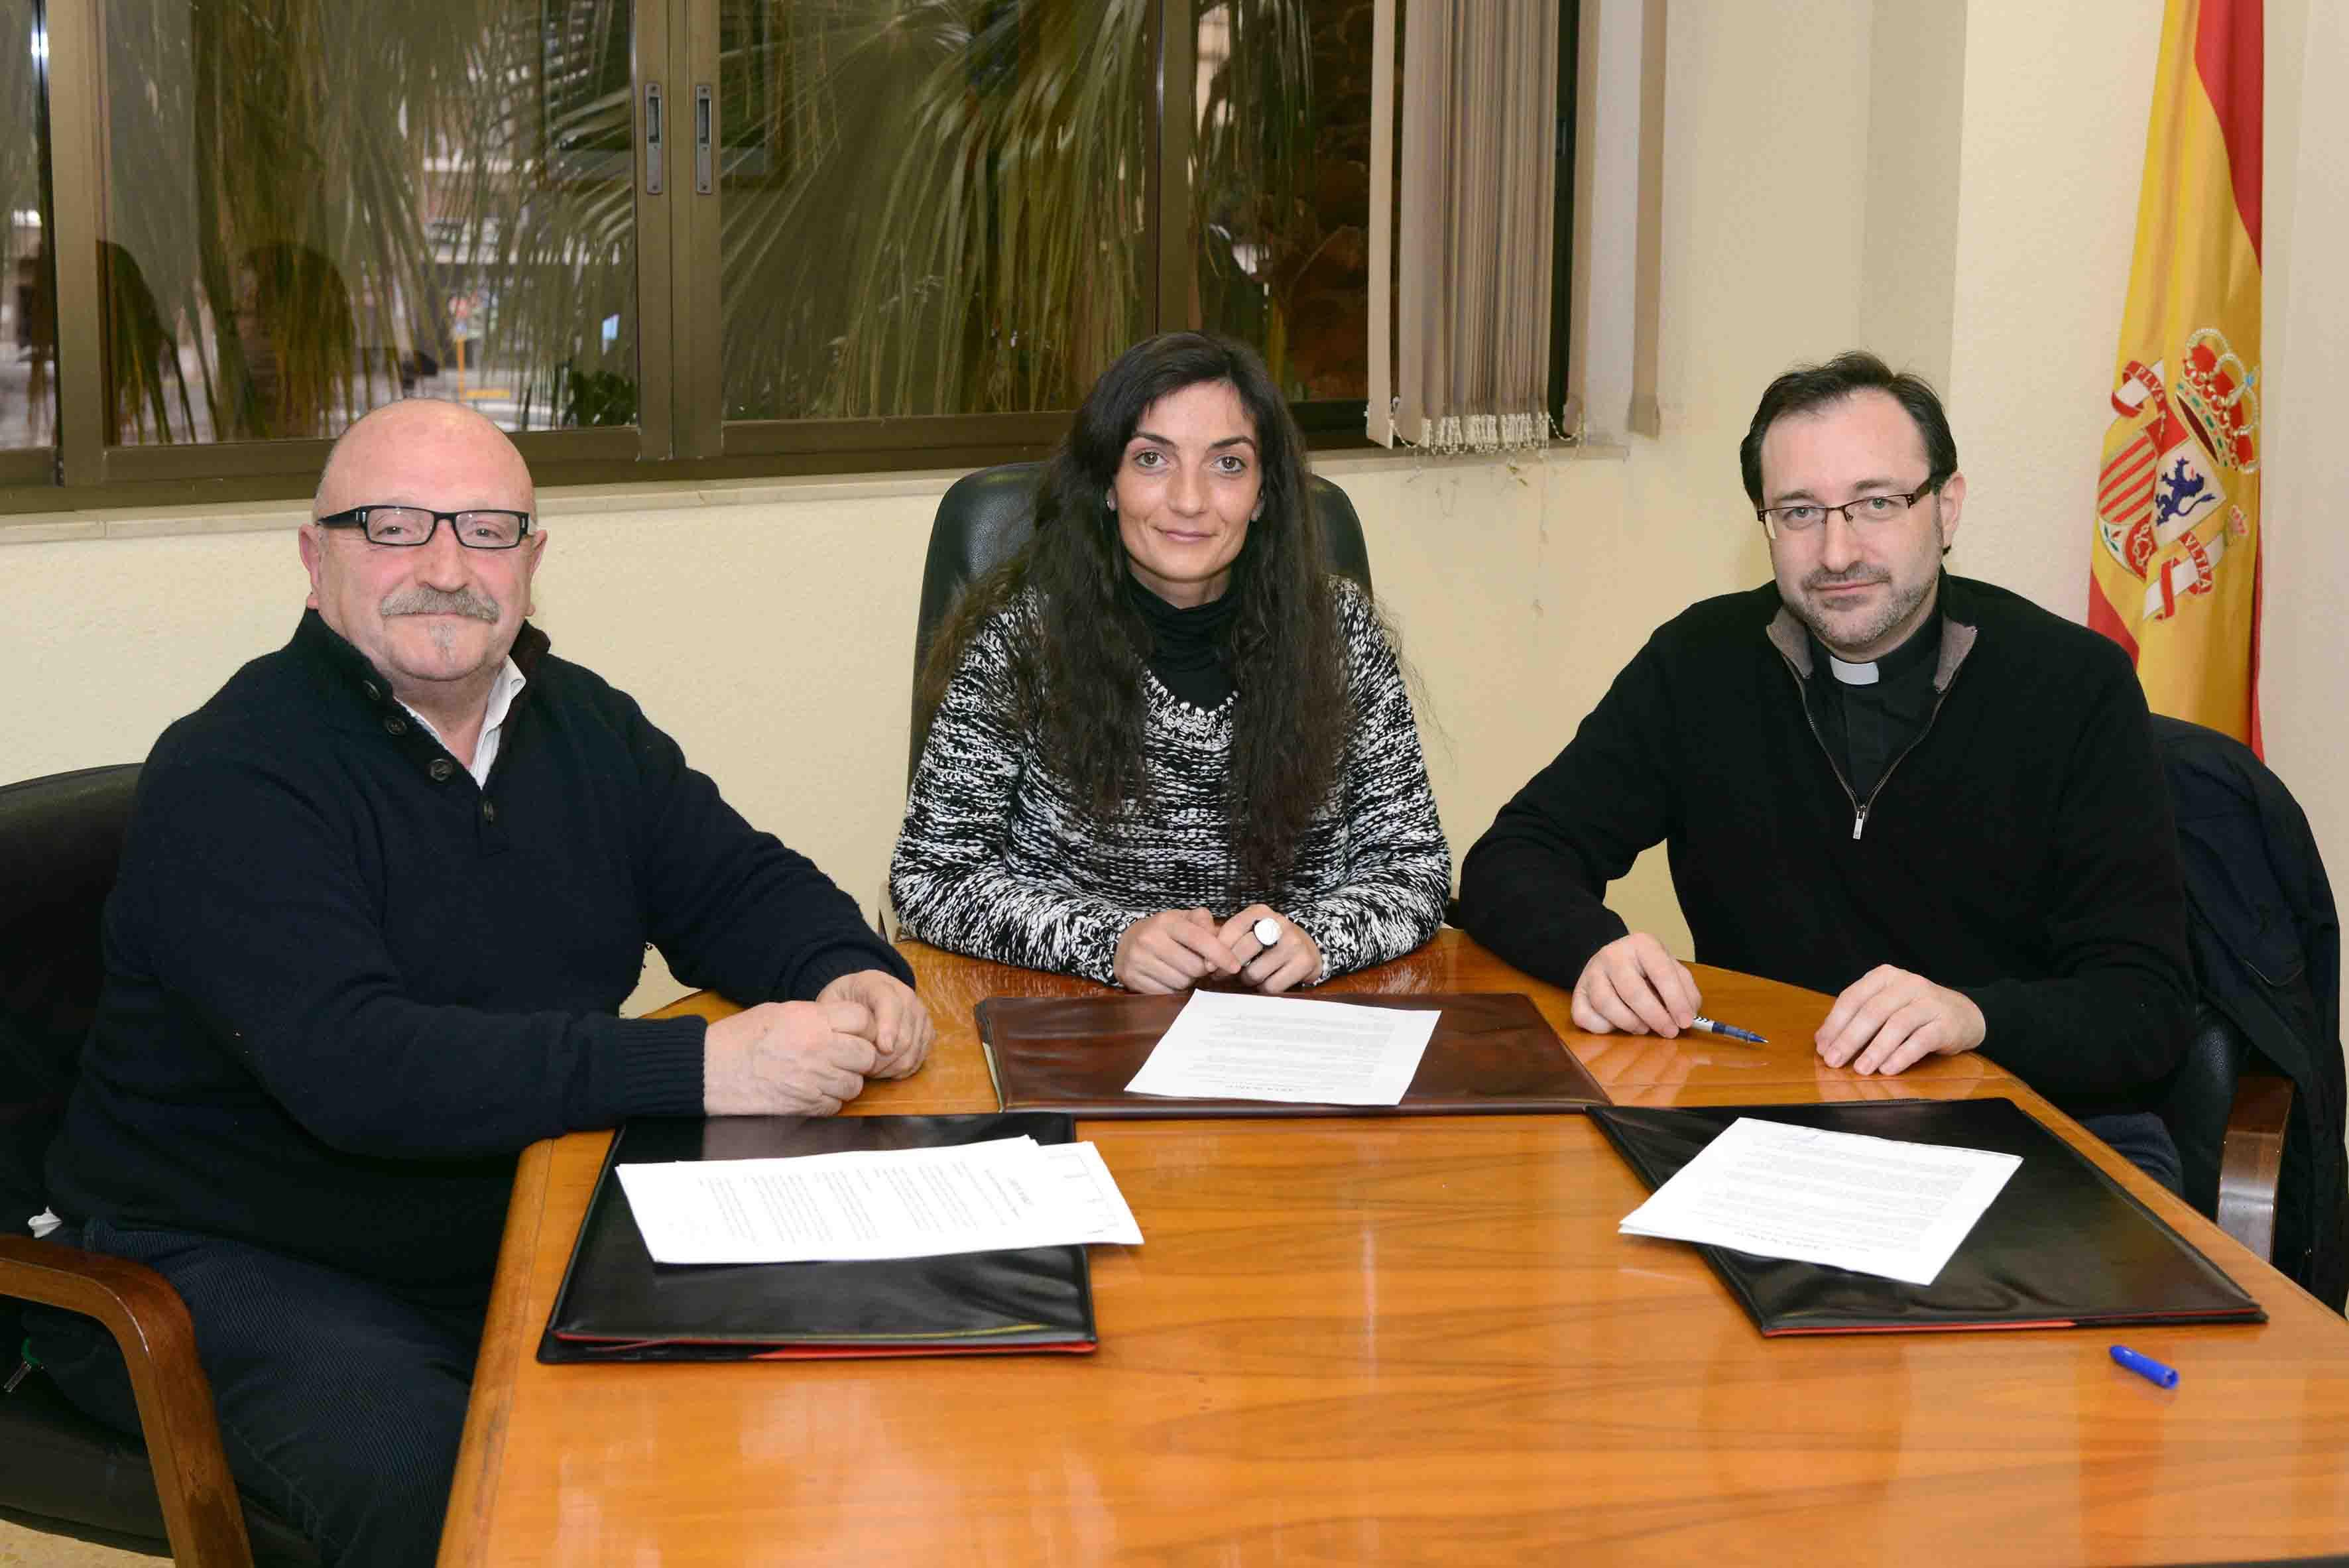 La regidoria de Cooperació de Paiporta presenta el pressupost a les entitats benèfic-assistencials i treballa en la confecció de la Carta Marc